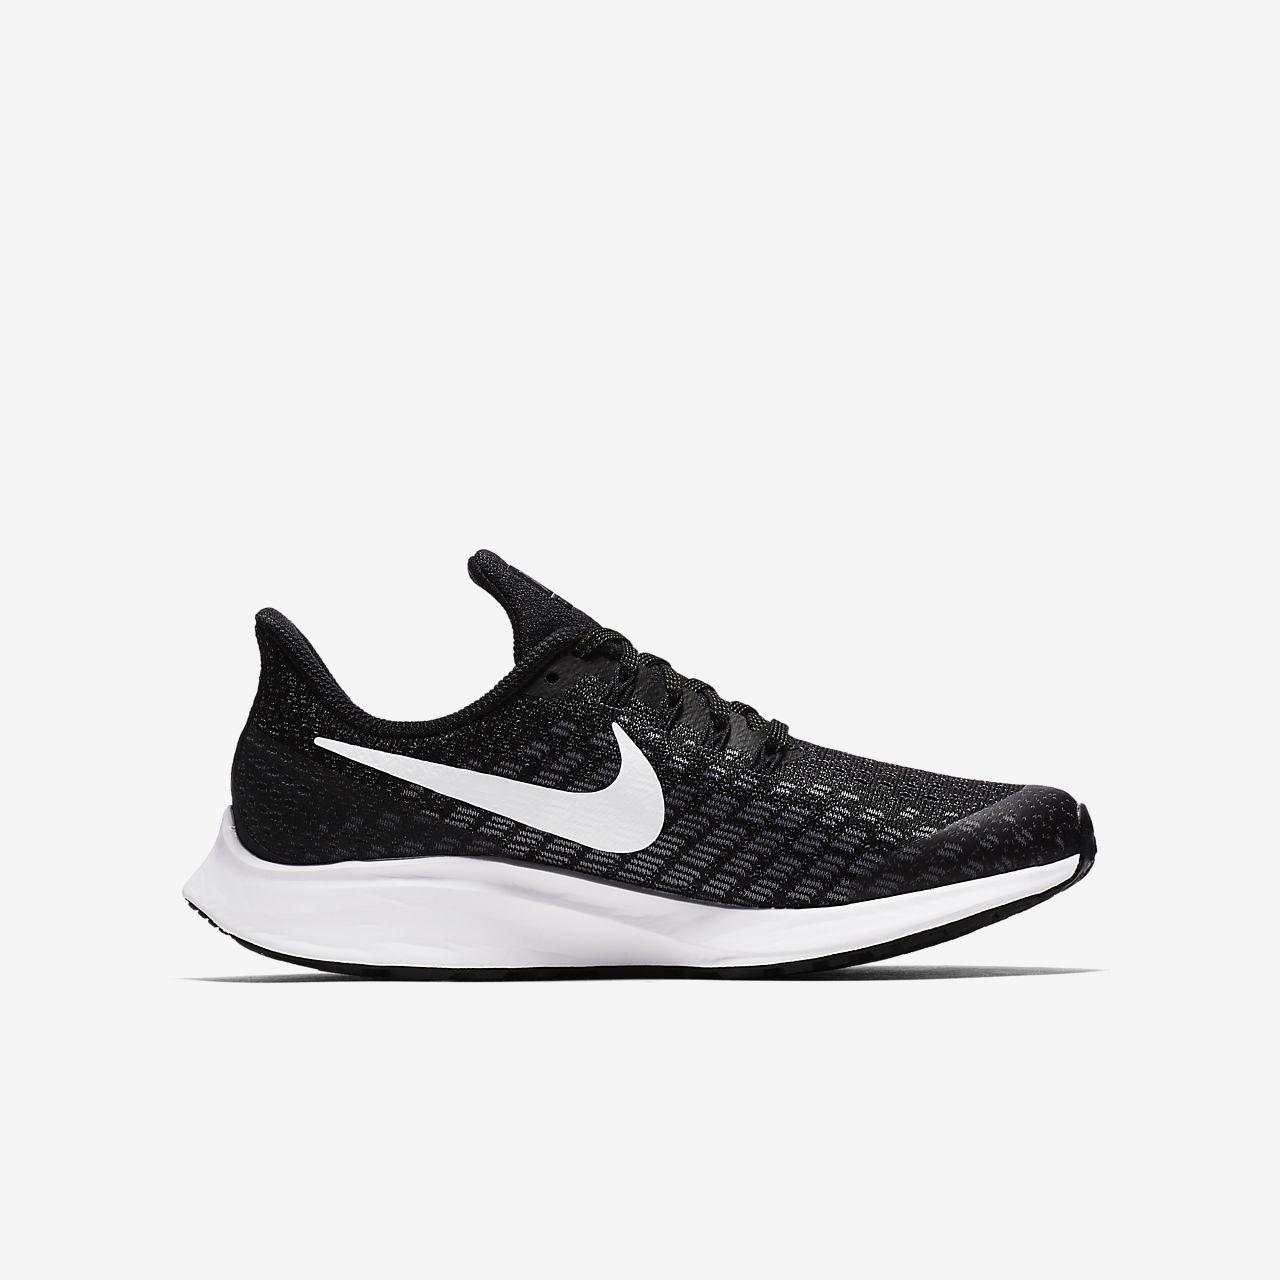 online store 36654 6d520 ... Löparsko Nike Air Zoom Pegasus 35 för barn ungdom